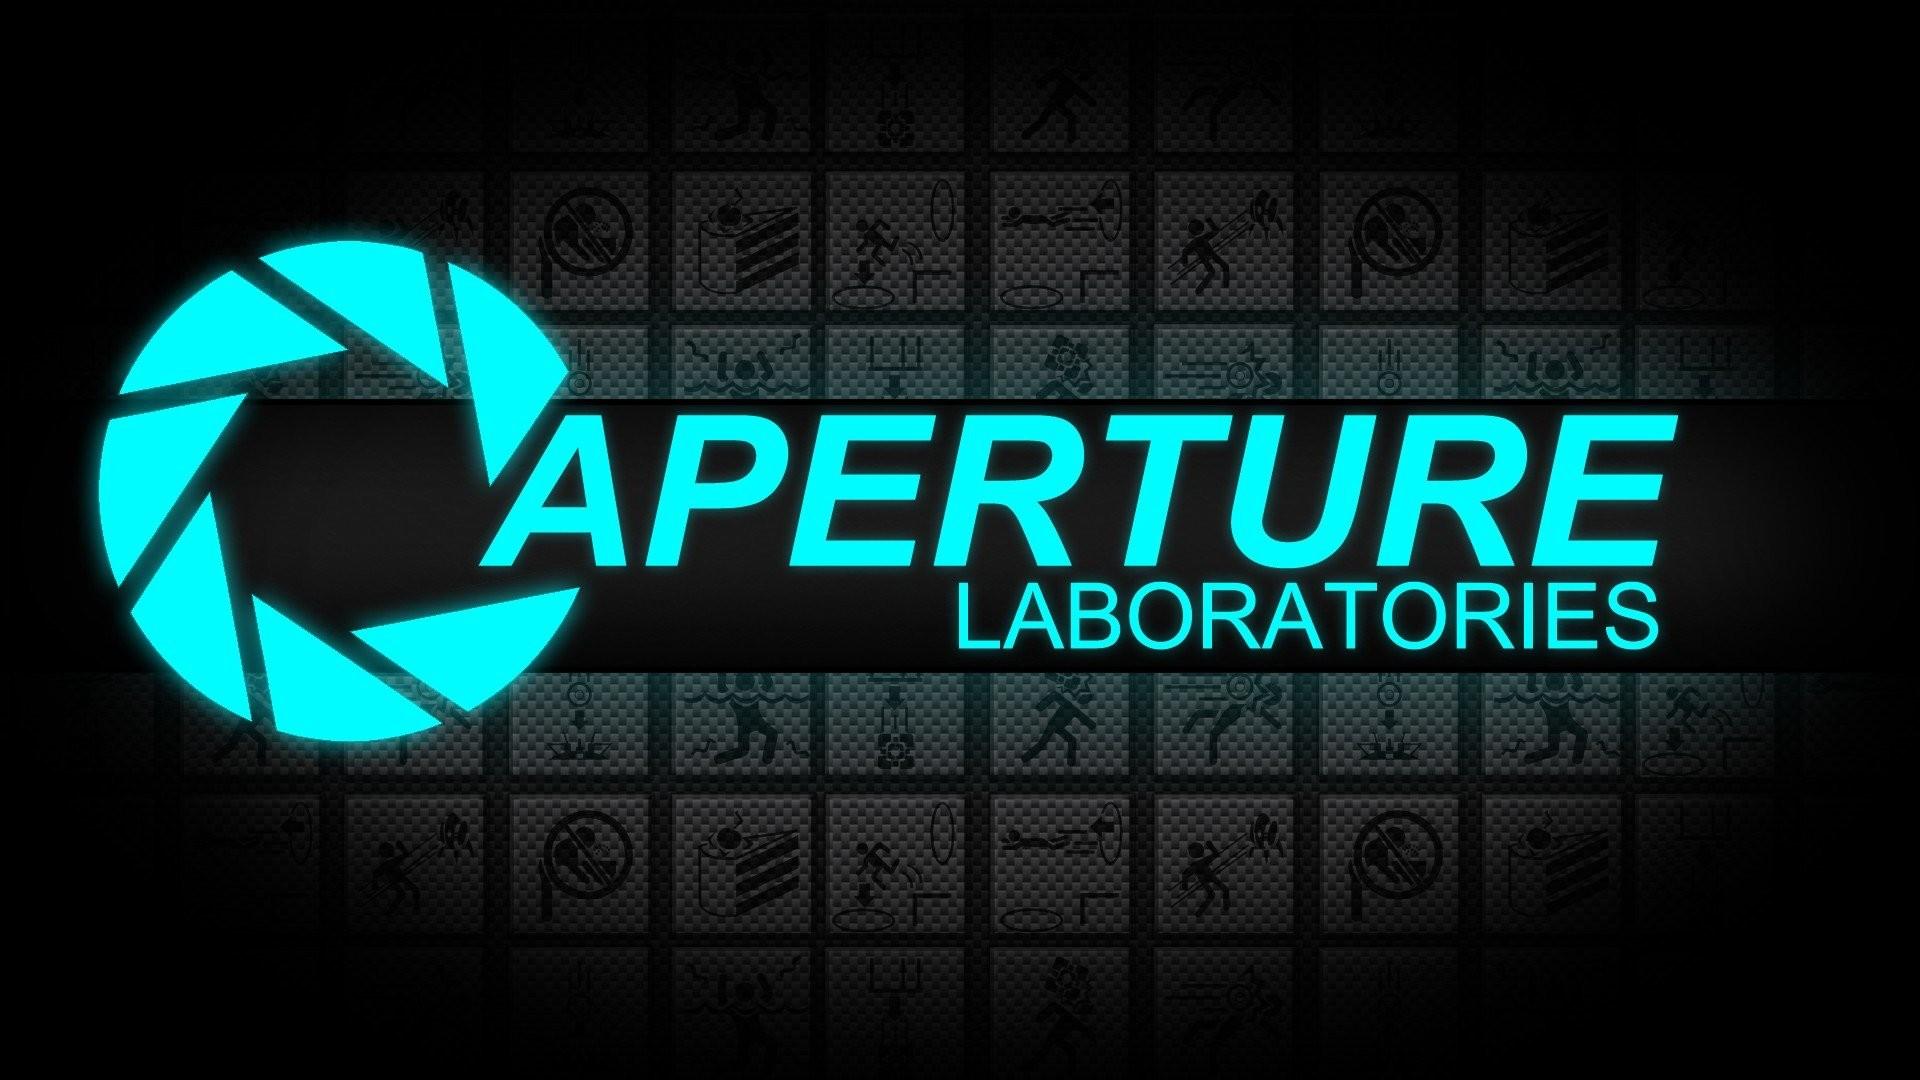 Portal 2 Aperture 826081 …